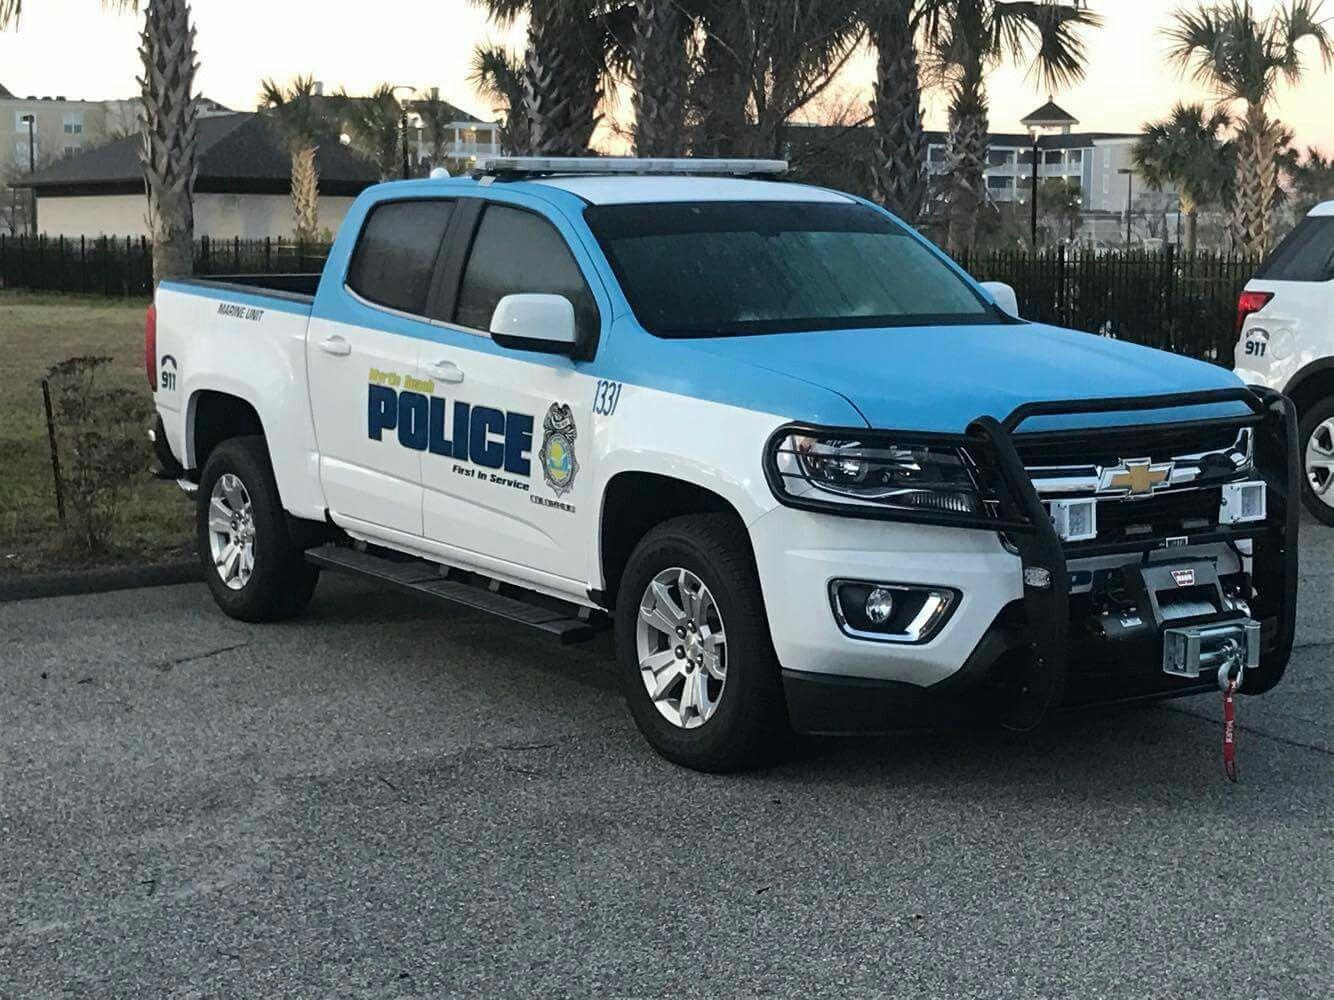 Image Result For Chevrolet Colorado Police Police Truck Police